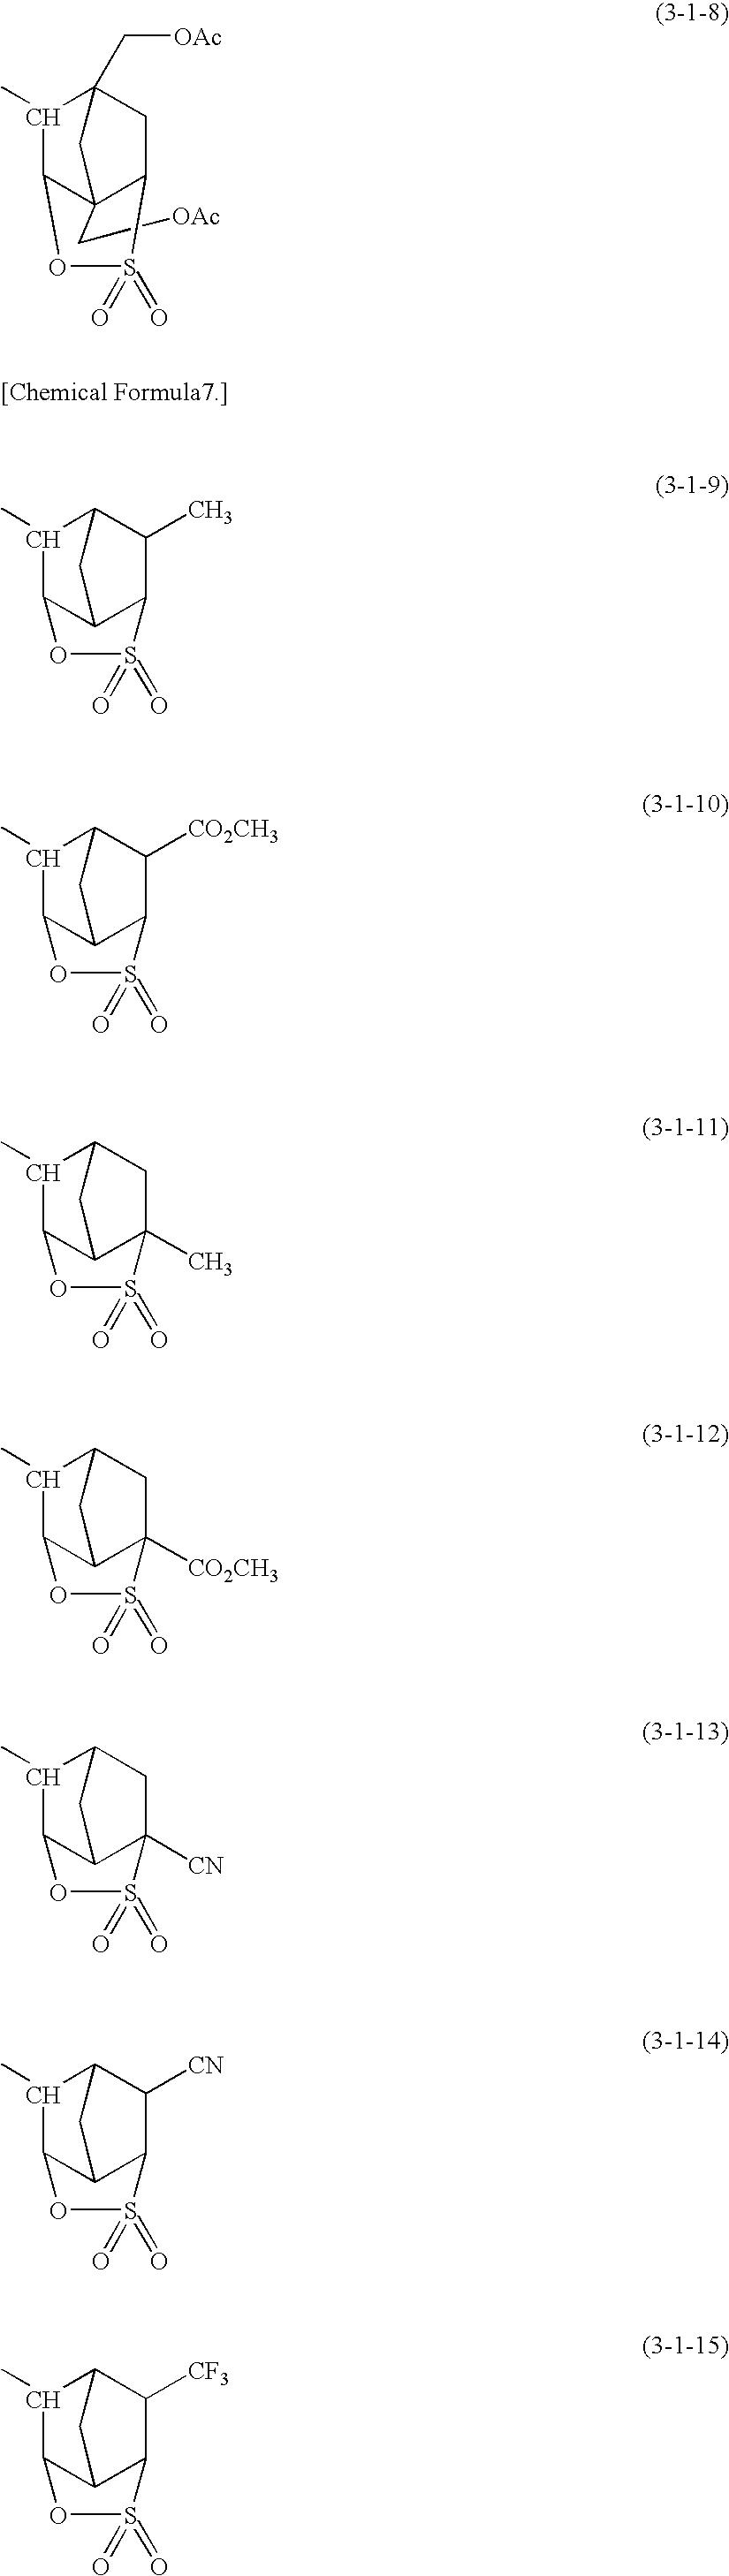 Figure US20100196821A1-20100805-C00008